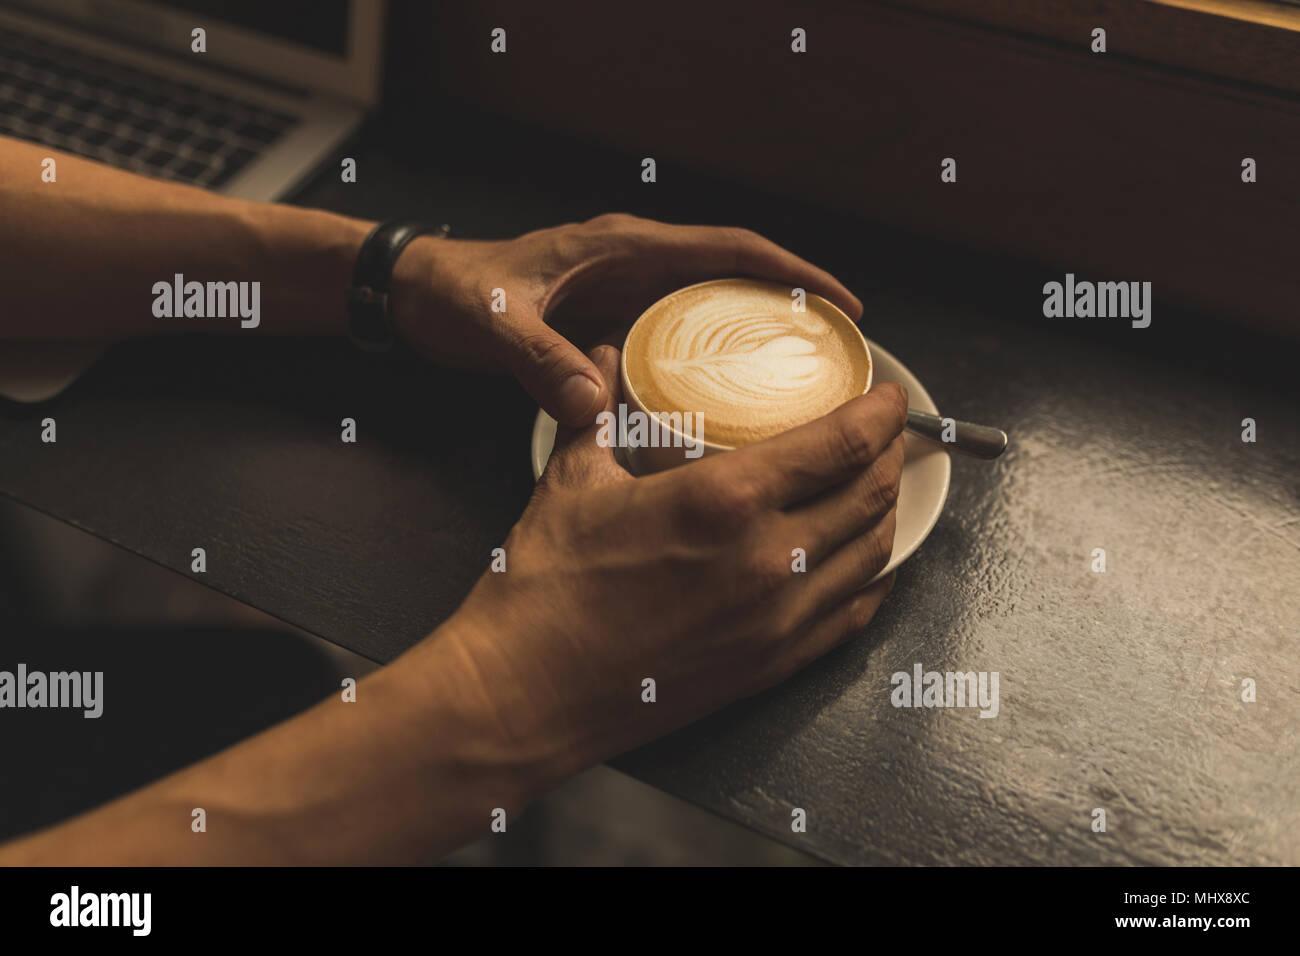 Empresario sosteniendo la taza de café en la cafetería Imagen De Stock